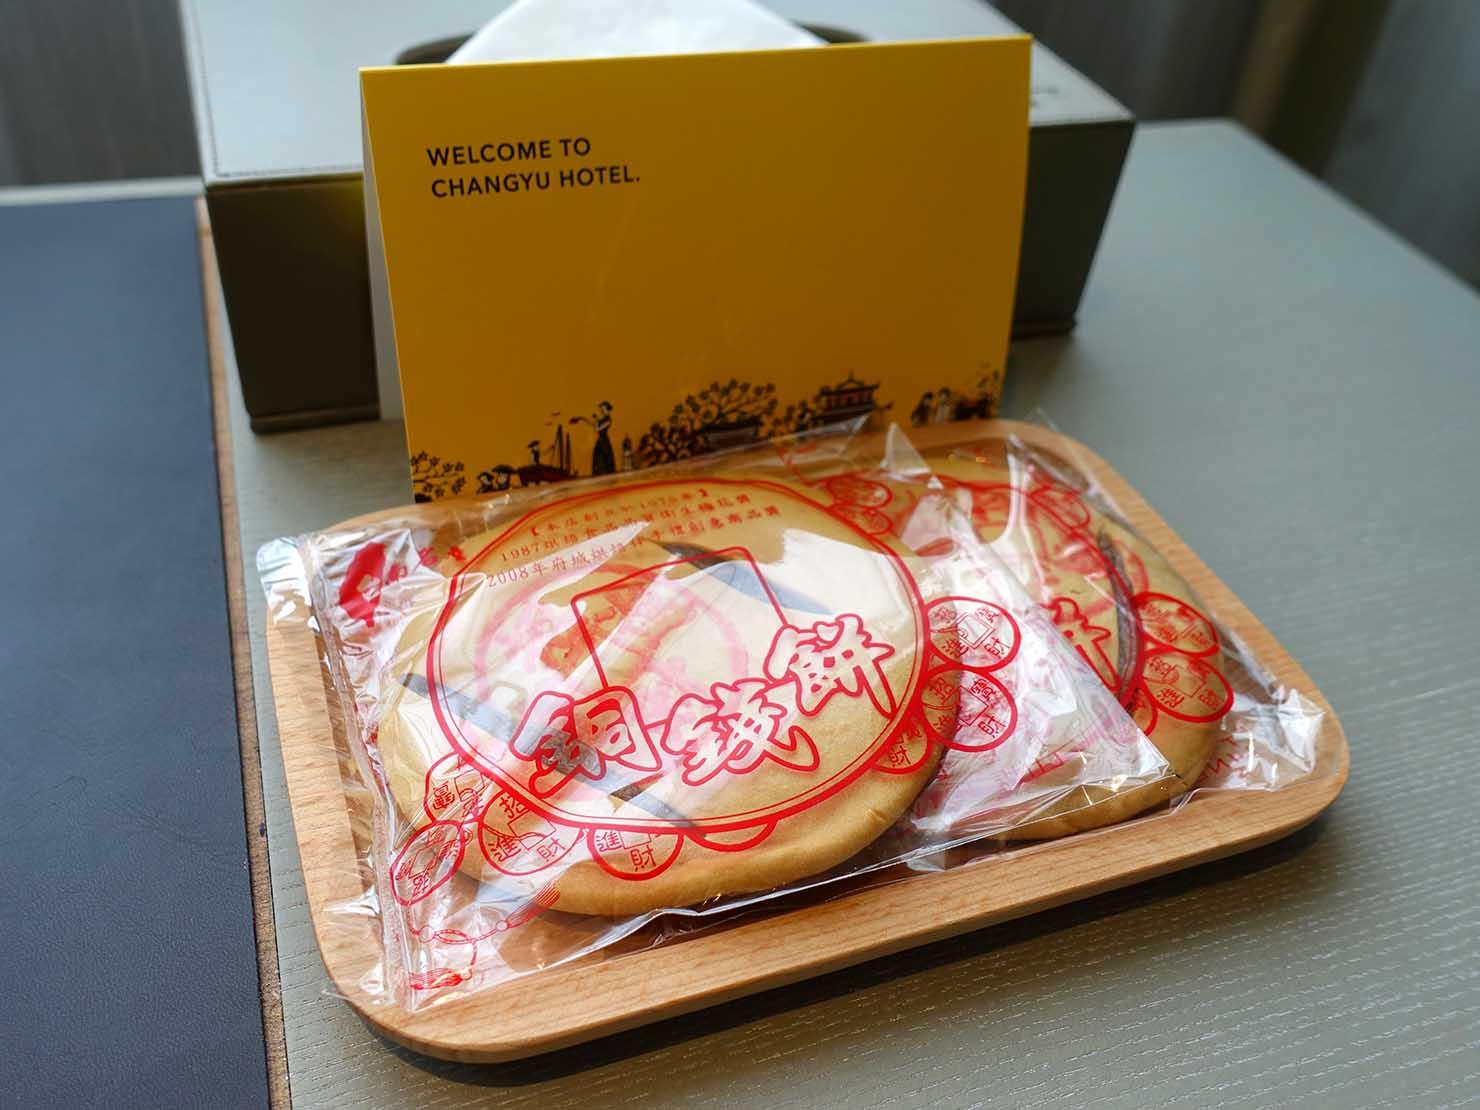 台南市内観光におすすめのホテル「長悅旅棧」長悅經典客房(クラシカルルーム)に置かれていた台南伝統菓子